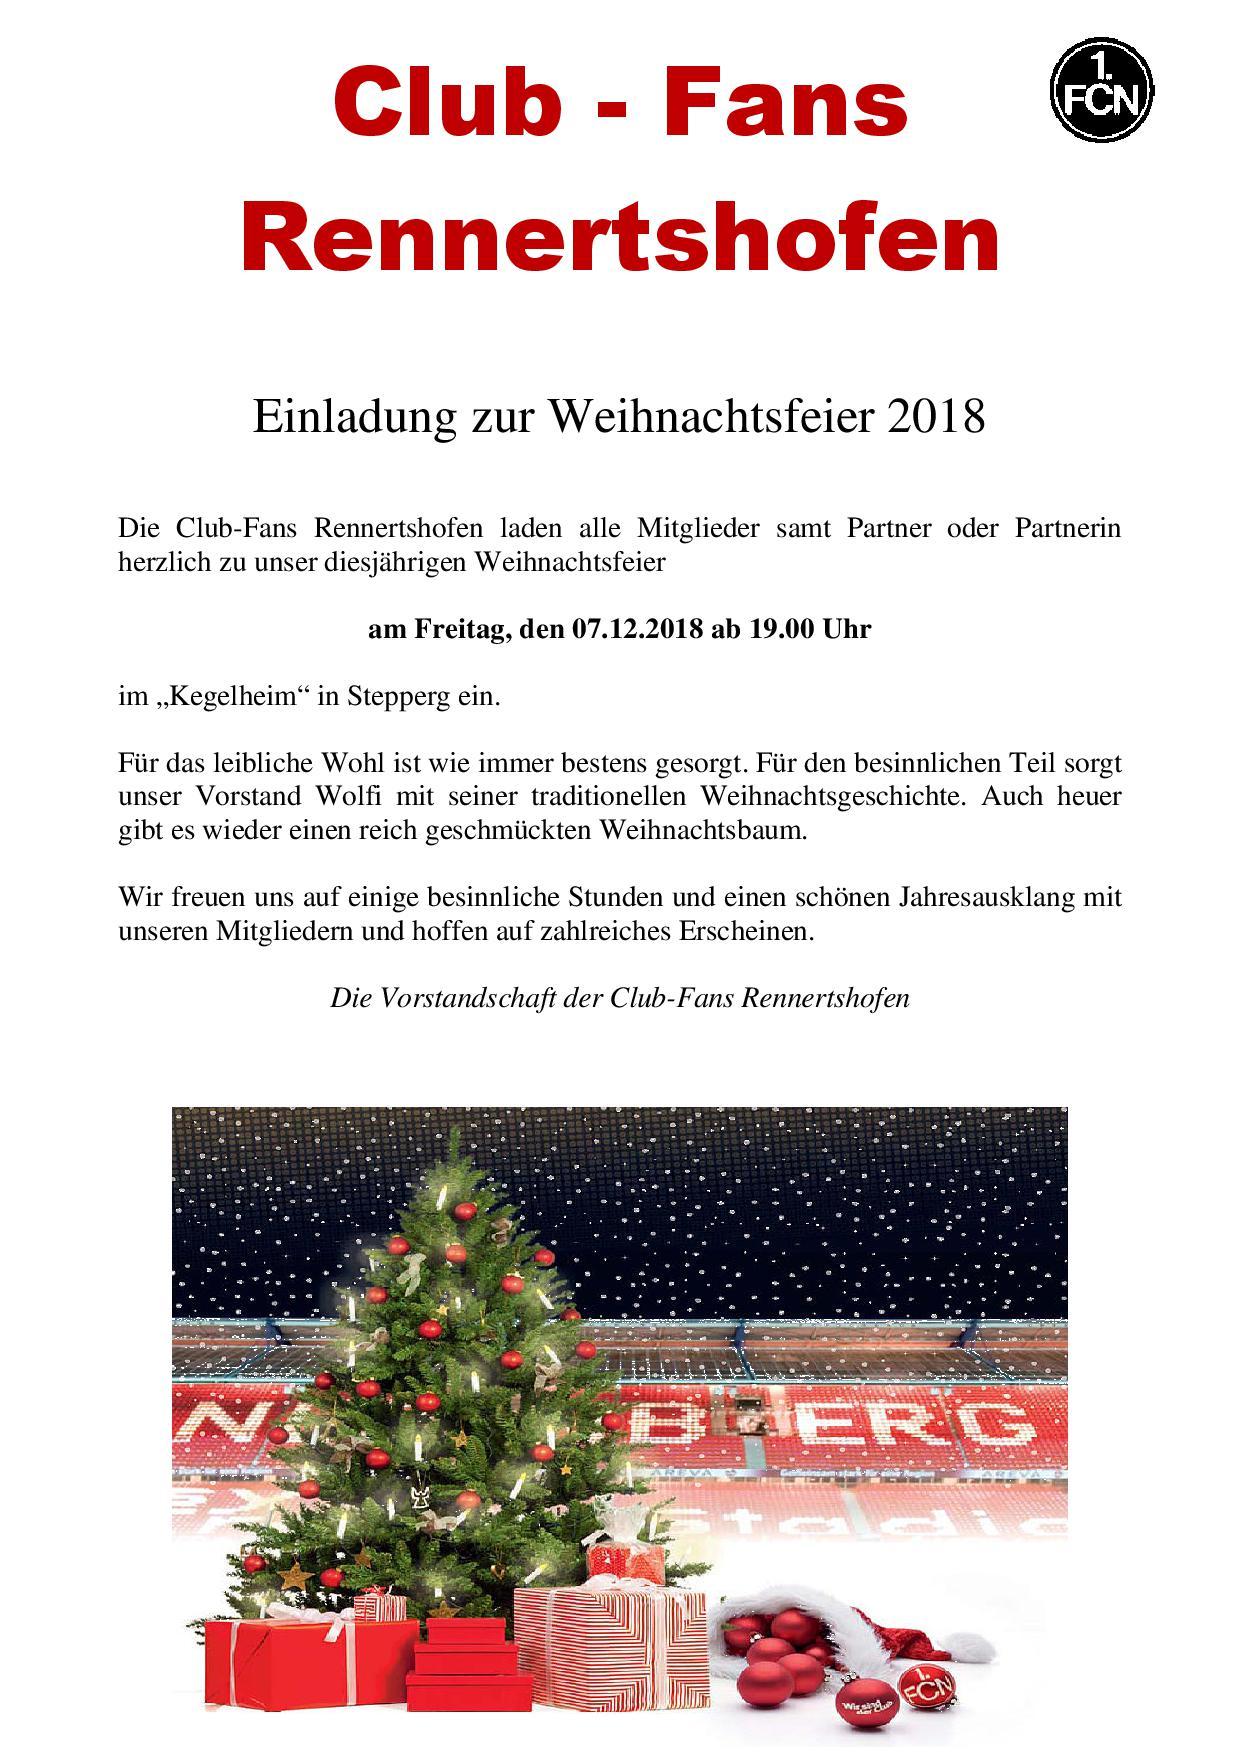 Weihnachtsgeschichte Weihnachtsfeier.Clubfans Rennertshofen Weihnachtfeier 2018